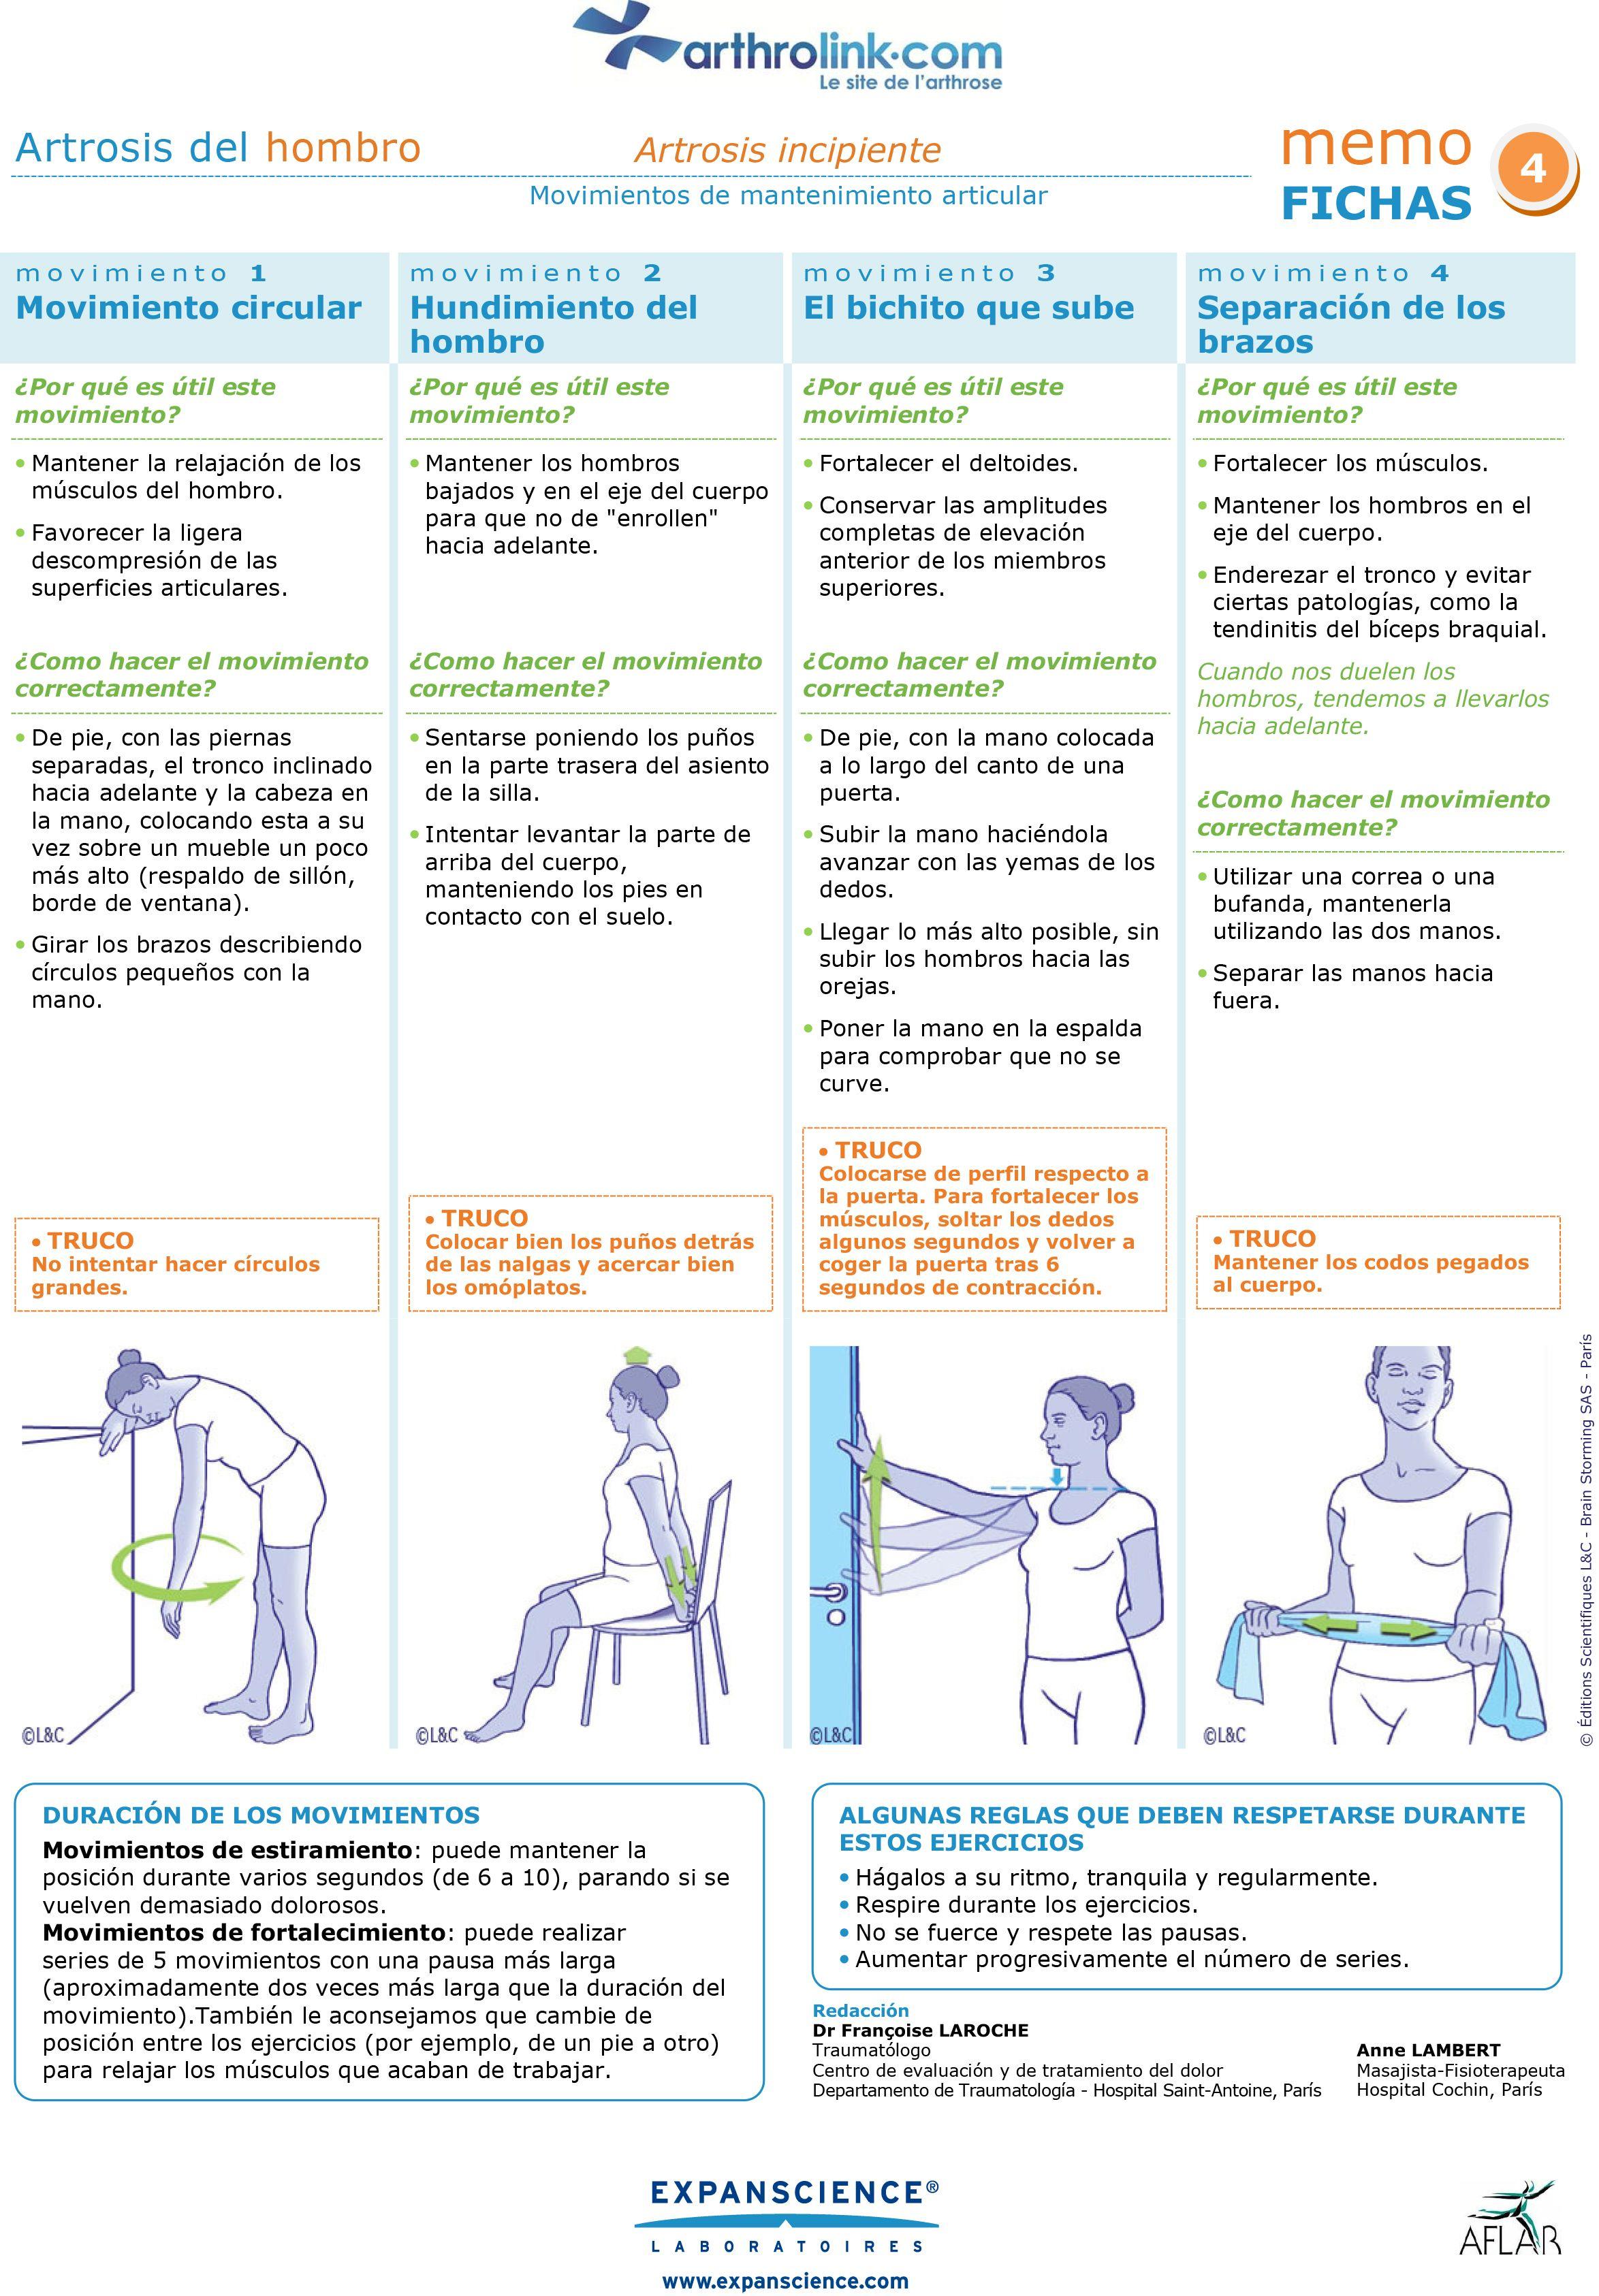 artrosis y ejercicio fisico pdf